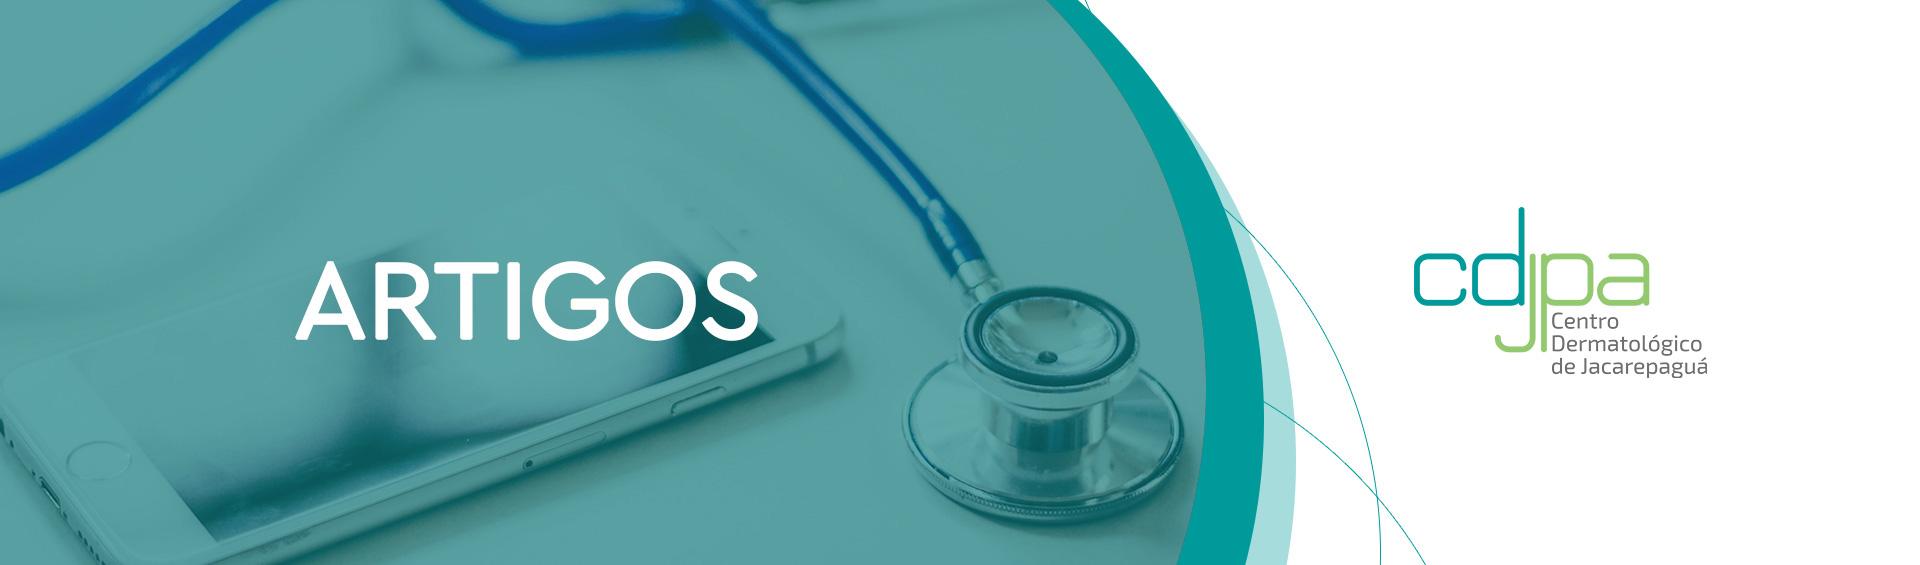 Artigos - Centro Dermatológico de Jacarepaguá